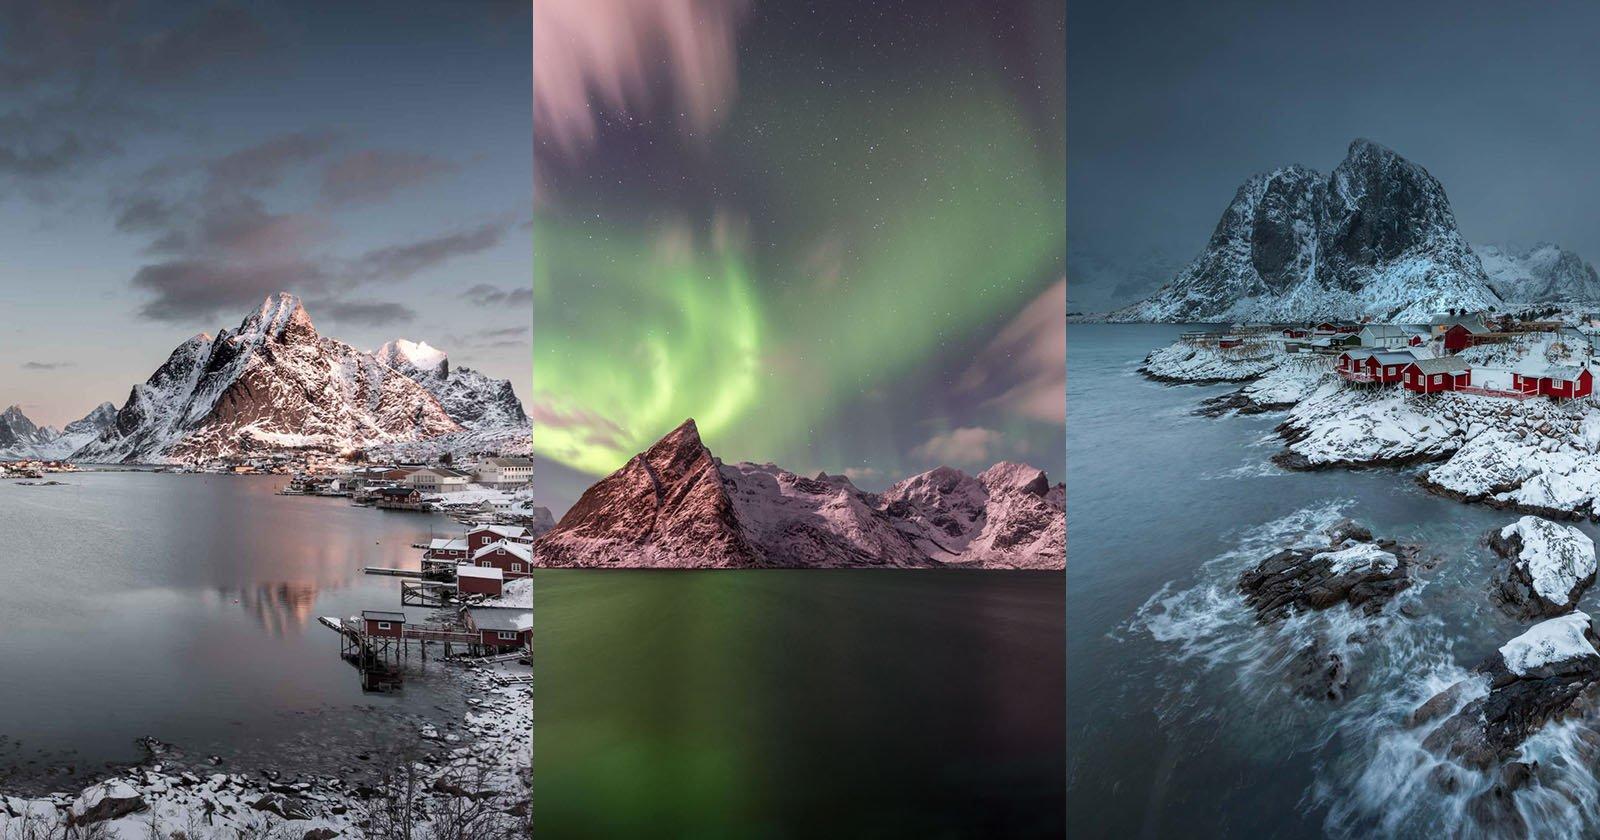 Lofoten, Norway: A Landscape Photographer's Dream